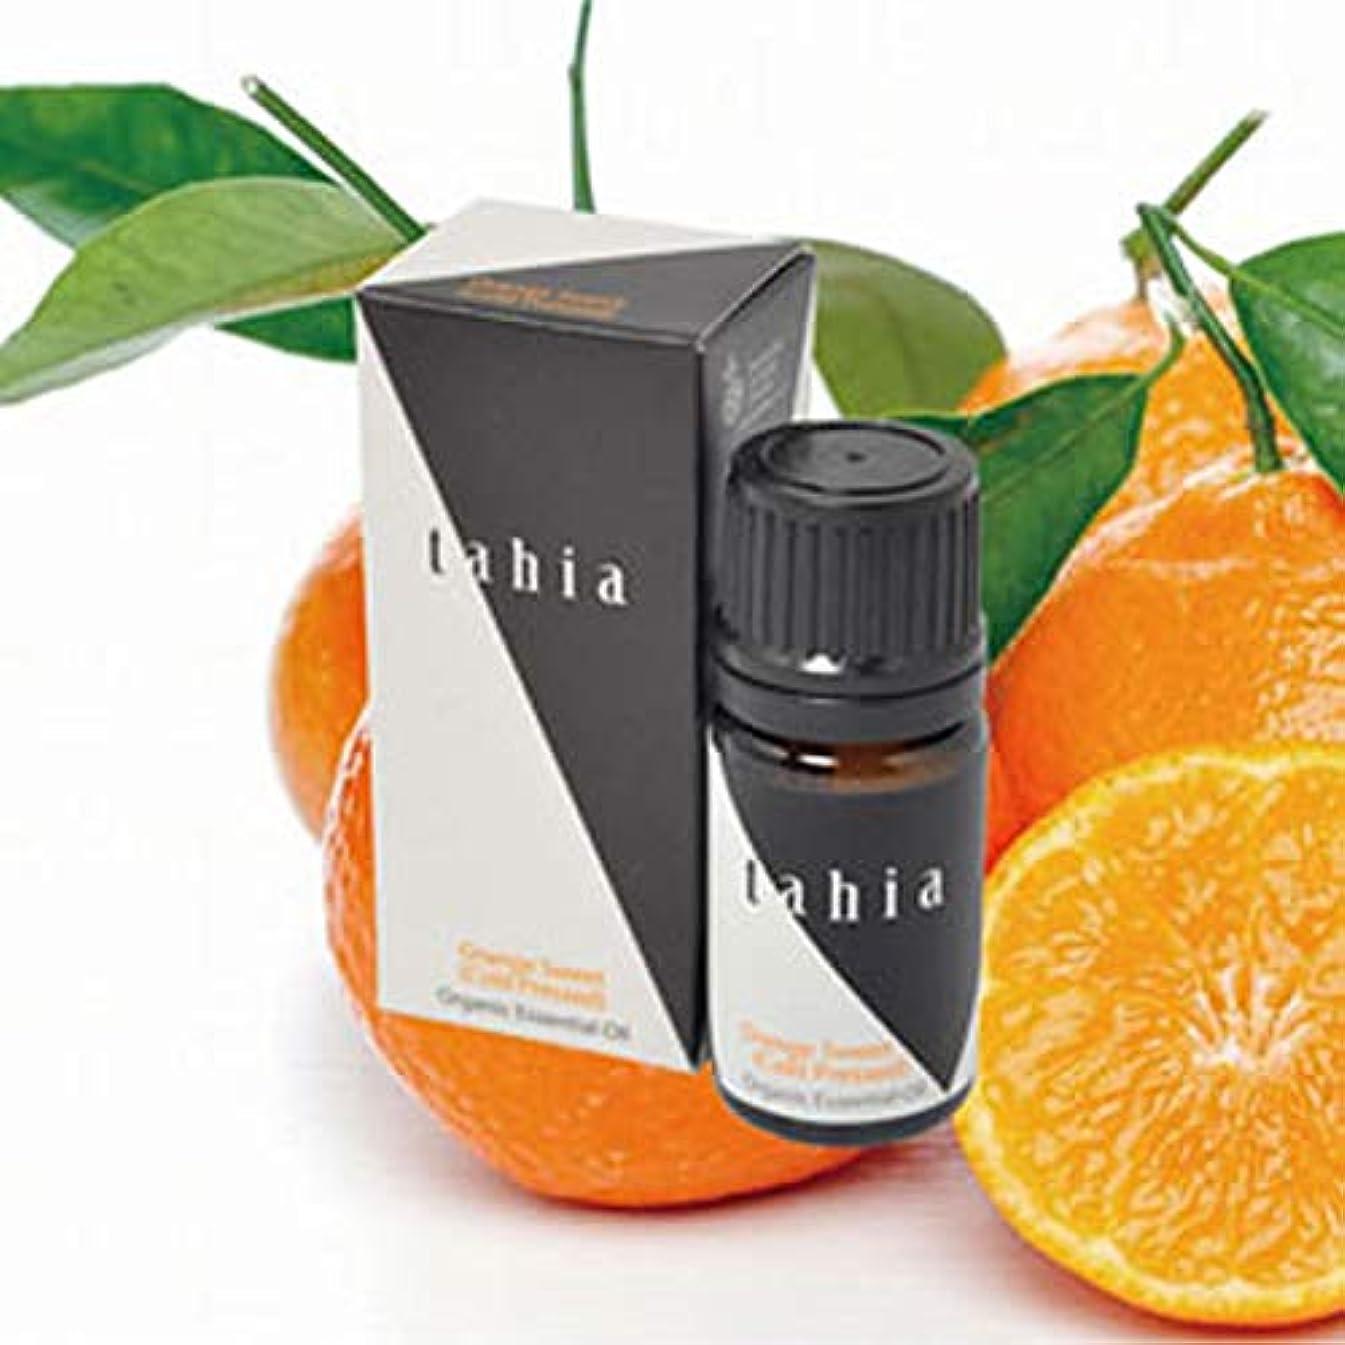 ベット雪だるまモードリンタツフト タヒア tahia オレンジ スイート エッセンシャルオイル オーガニック 芳香 精油